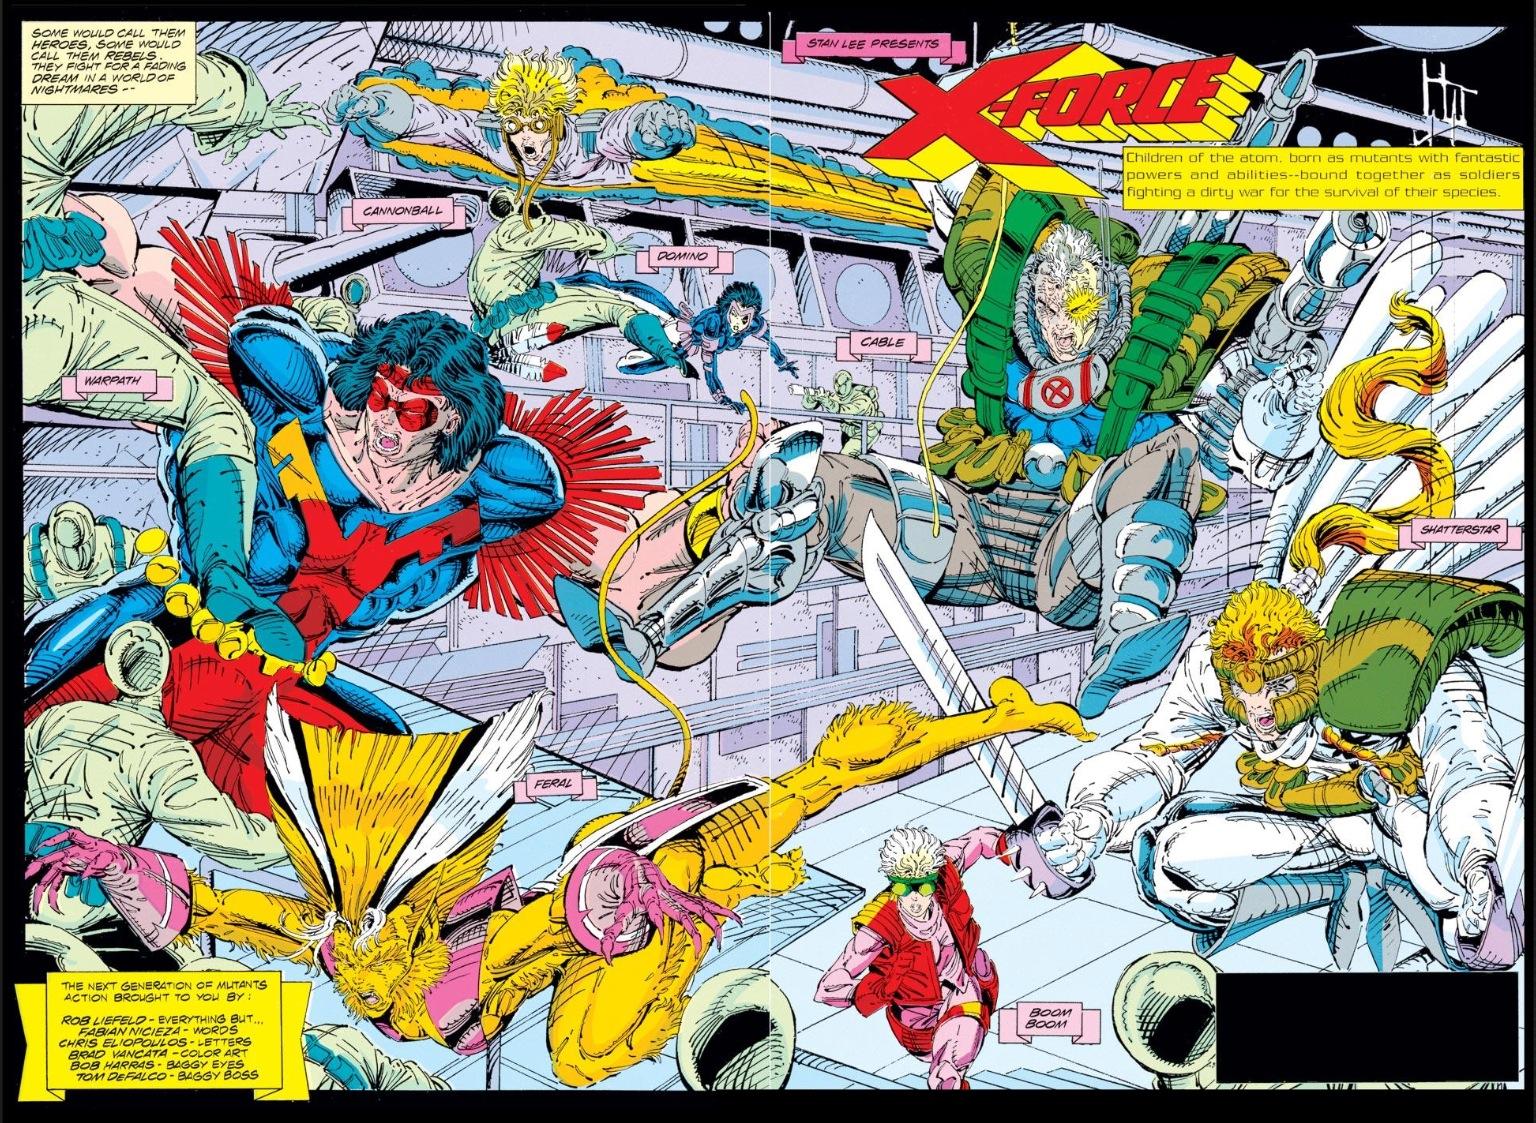 X-Force vol. 1 #1